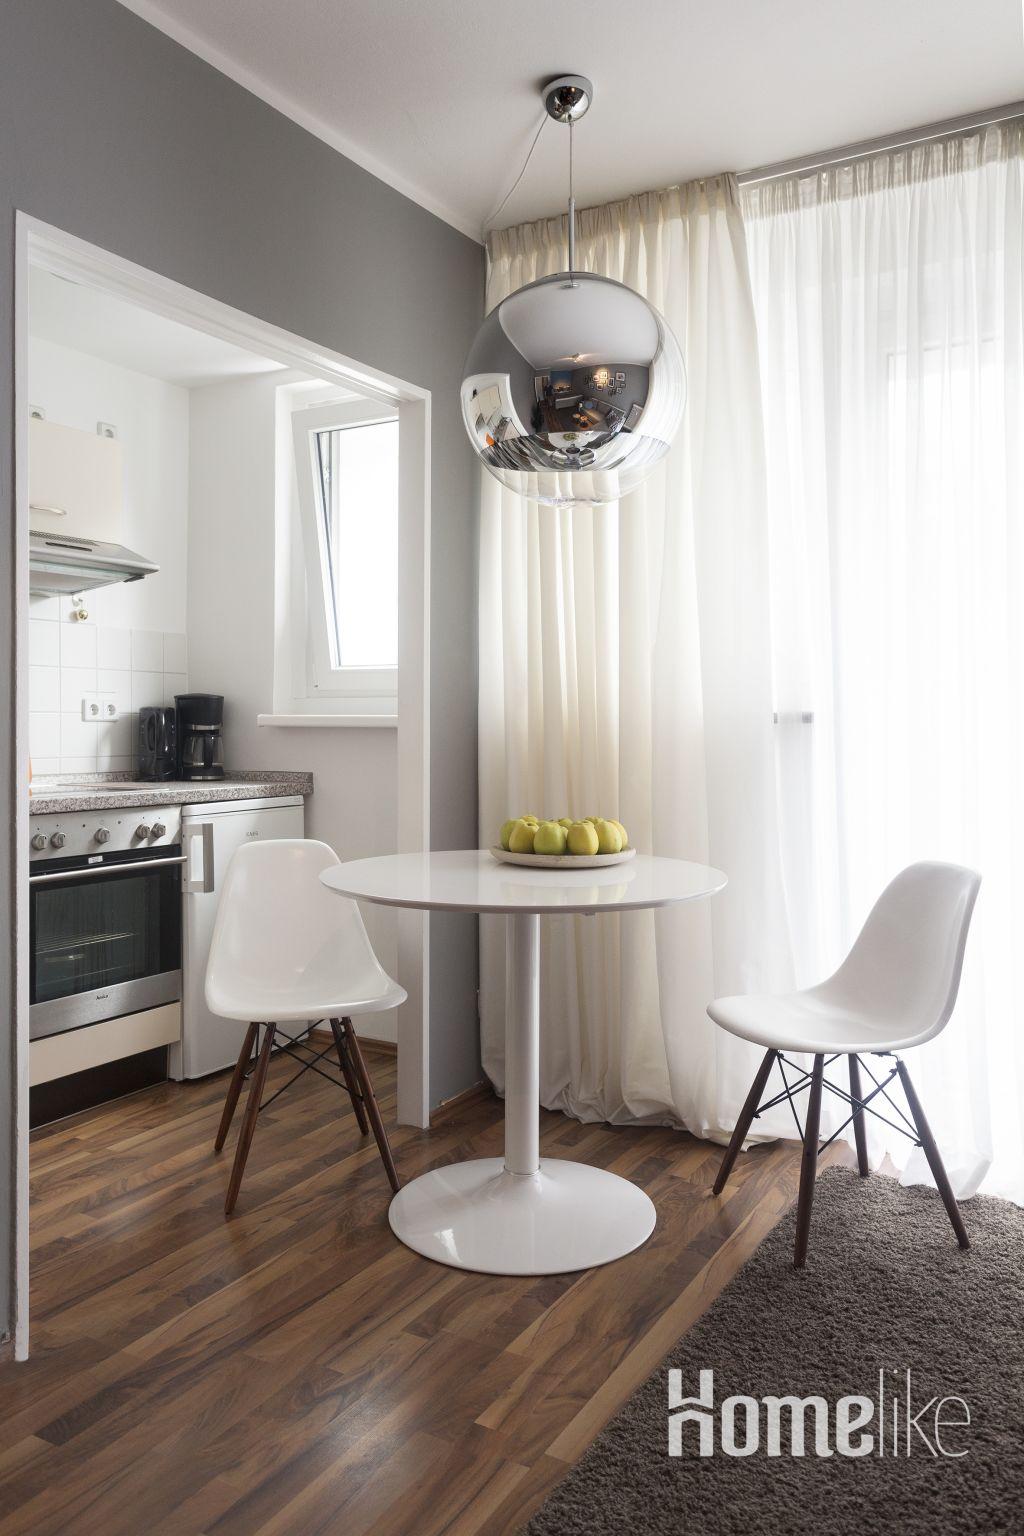 image 3 furnished 1 bedroom Apartment for rent in Schoneberg, Tempelhof-Schoneberg